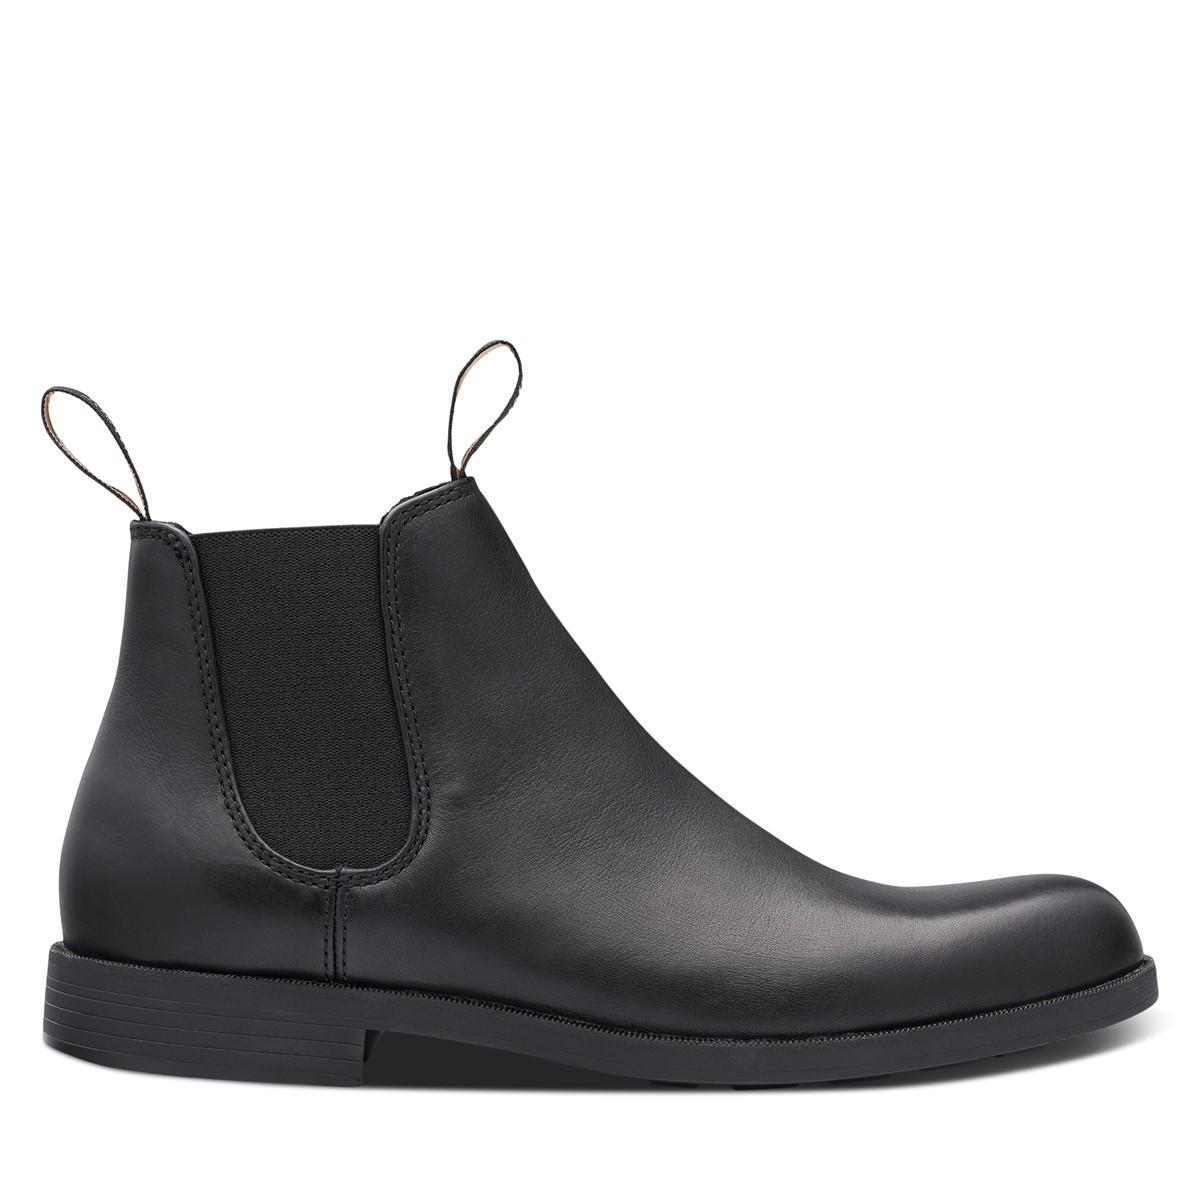 Men's 1901 Chelsea Boots in Black